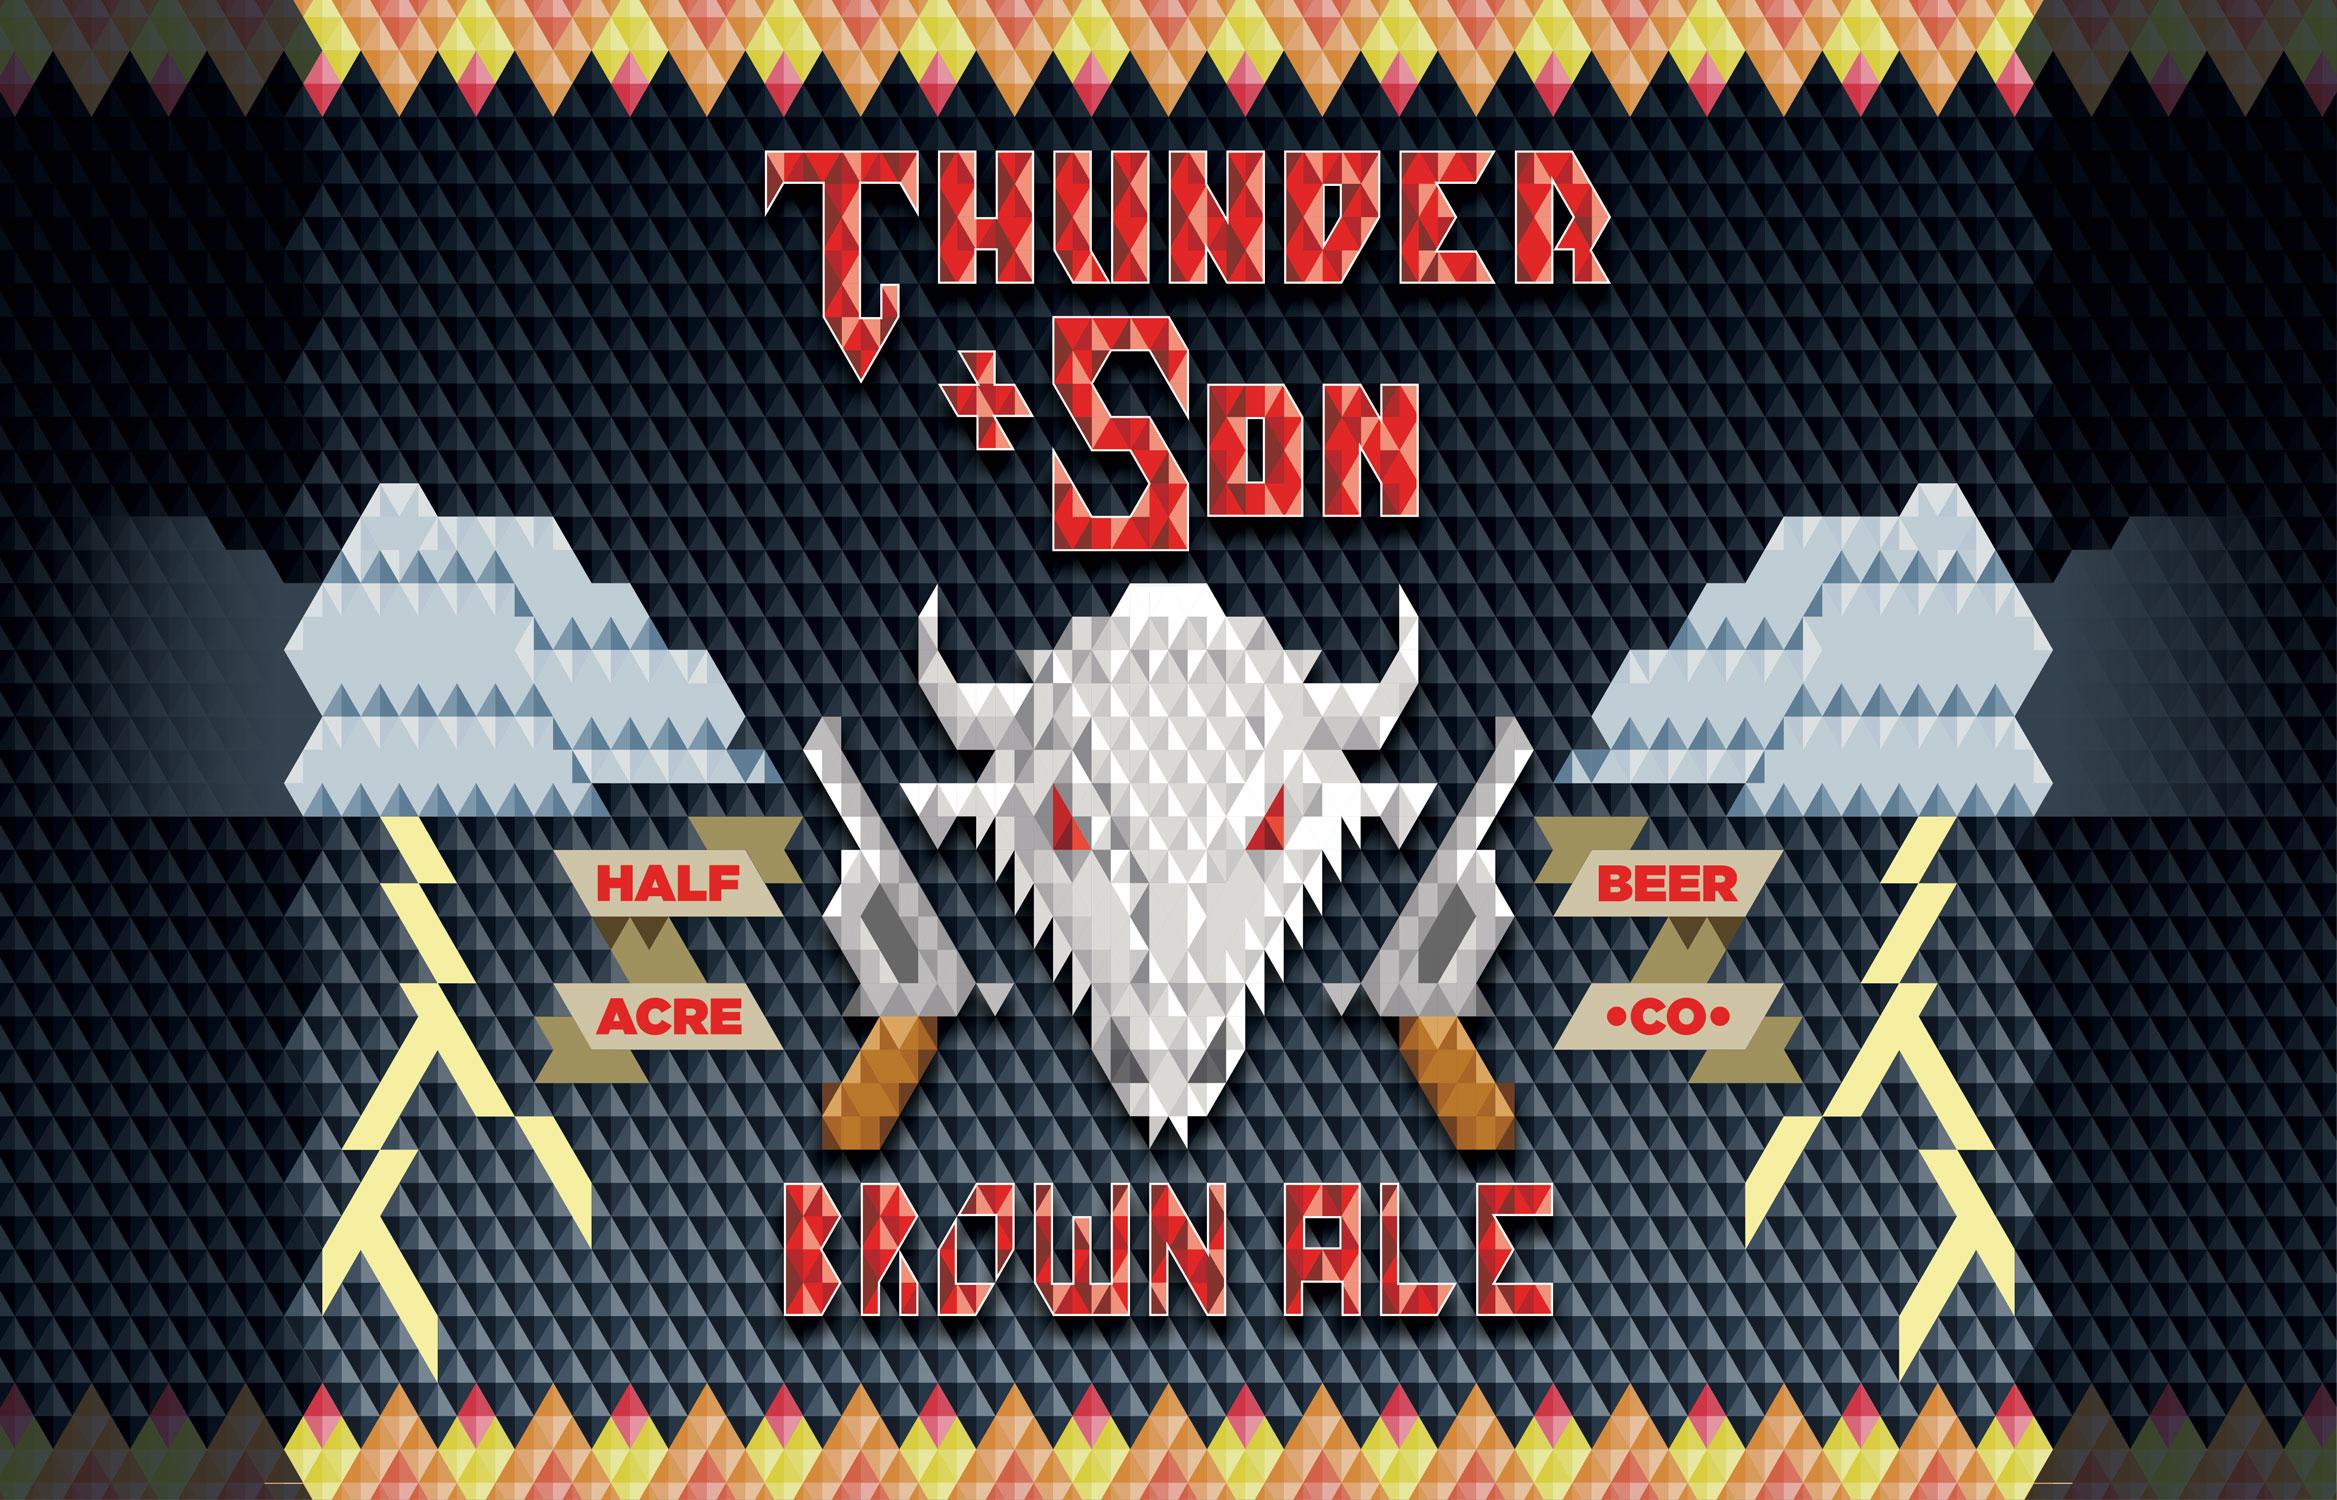 Thunder-&-Son_2014_label_v1.jpg